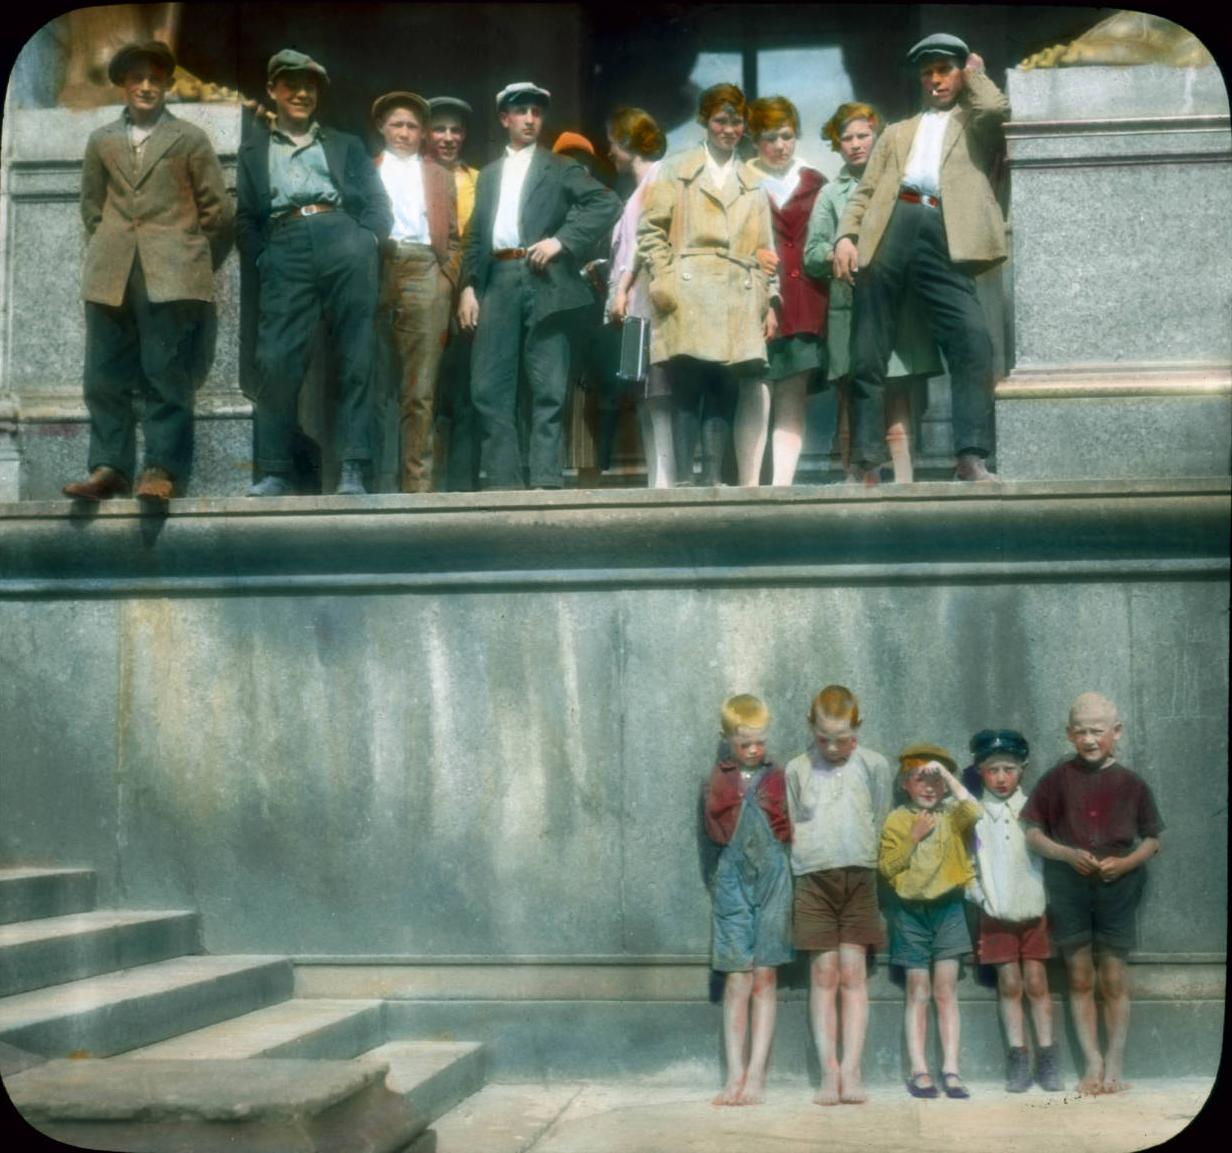 Санкт-Петербург. Эрмитаж (Новый Эрмитаж), посетители за пределами музея и дети